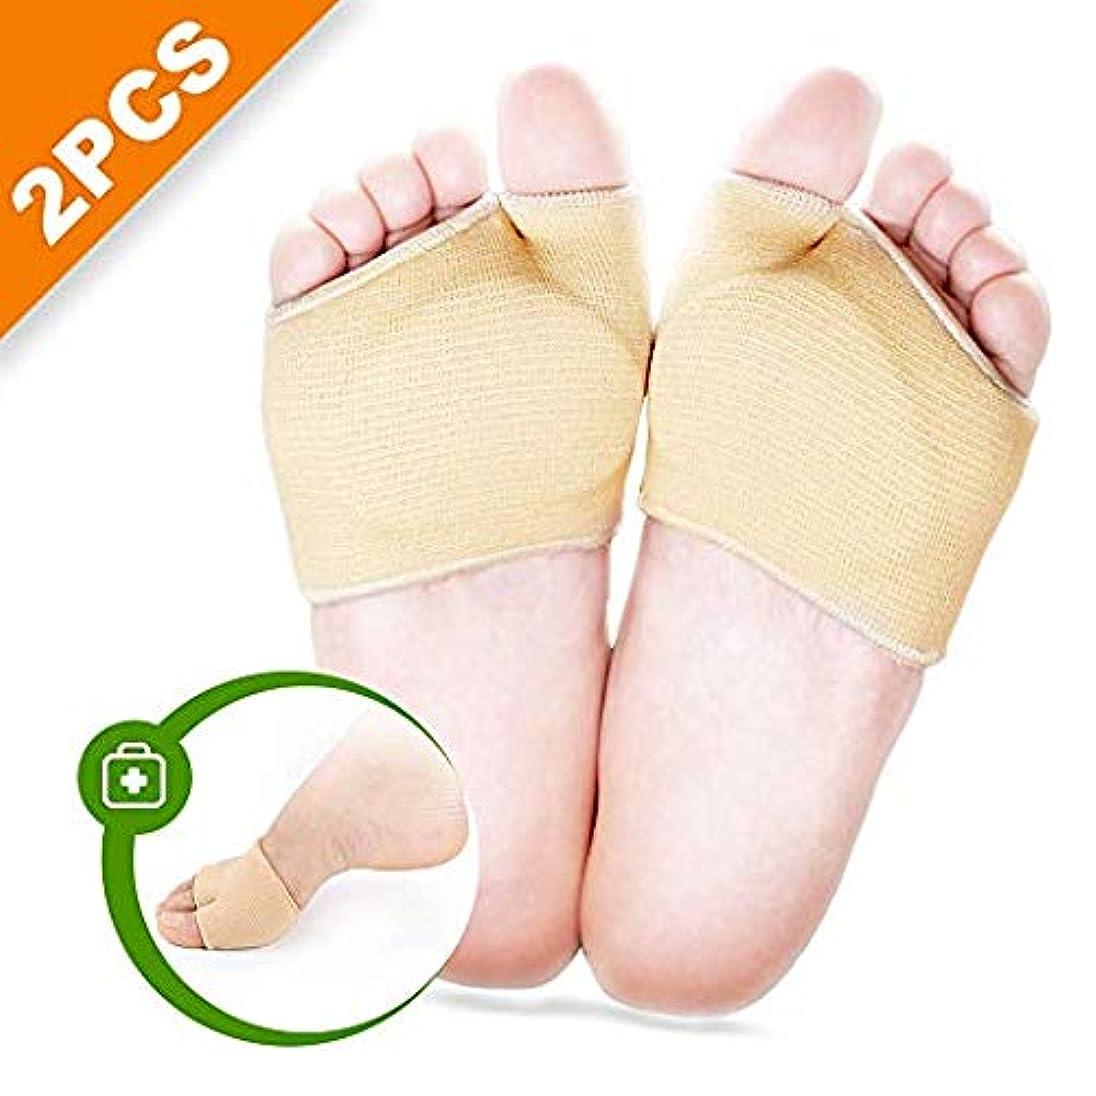 マザーランド百年クーポン女性+男性用の銅圧縮中足パッド。 神経腫、中足骨嚢炎カルス用の最高の銅製フットパッドボールジェルクッションを保証。